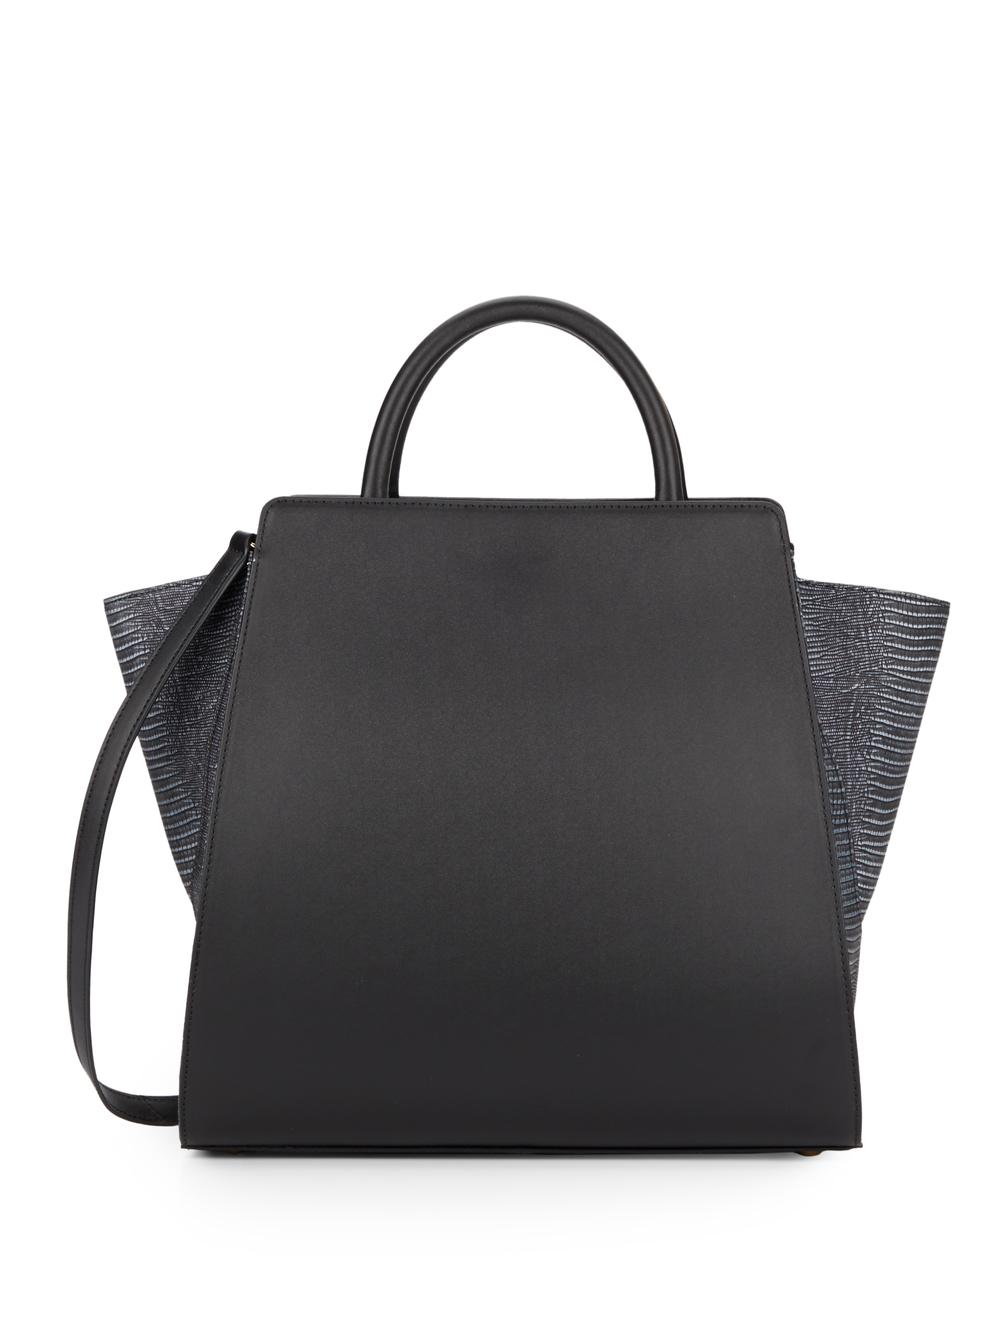 Handbags-036.JPG